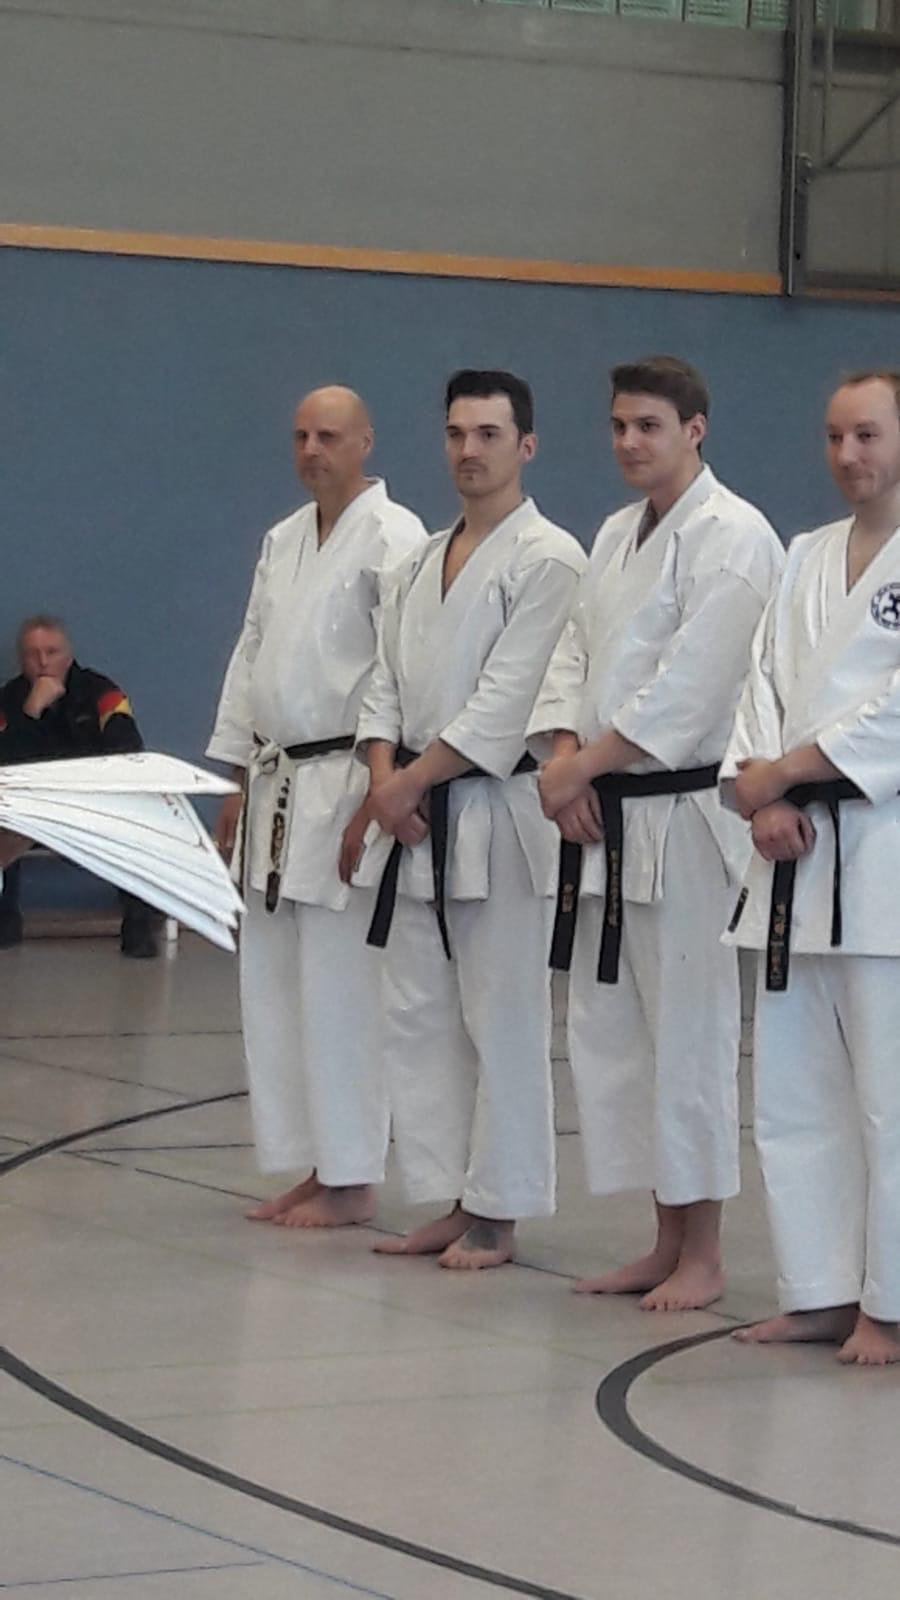 Karate Dan Prüfung von René Roese in Waltrop am 11.November 2019 mit Partner Thomas Skwarr